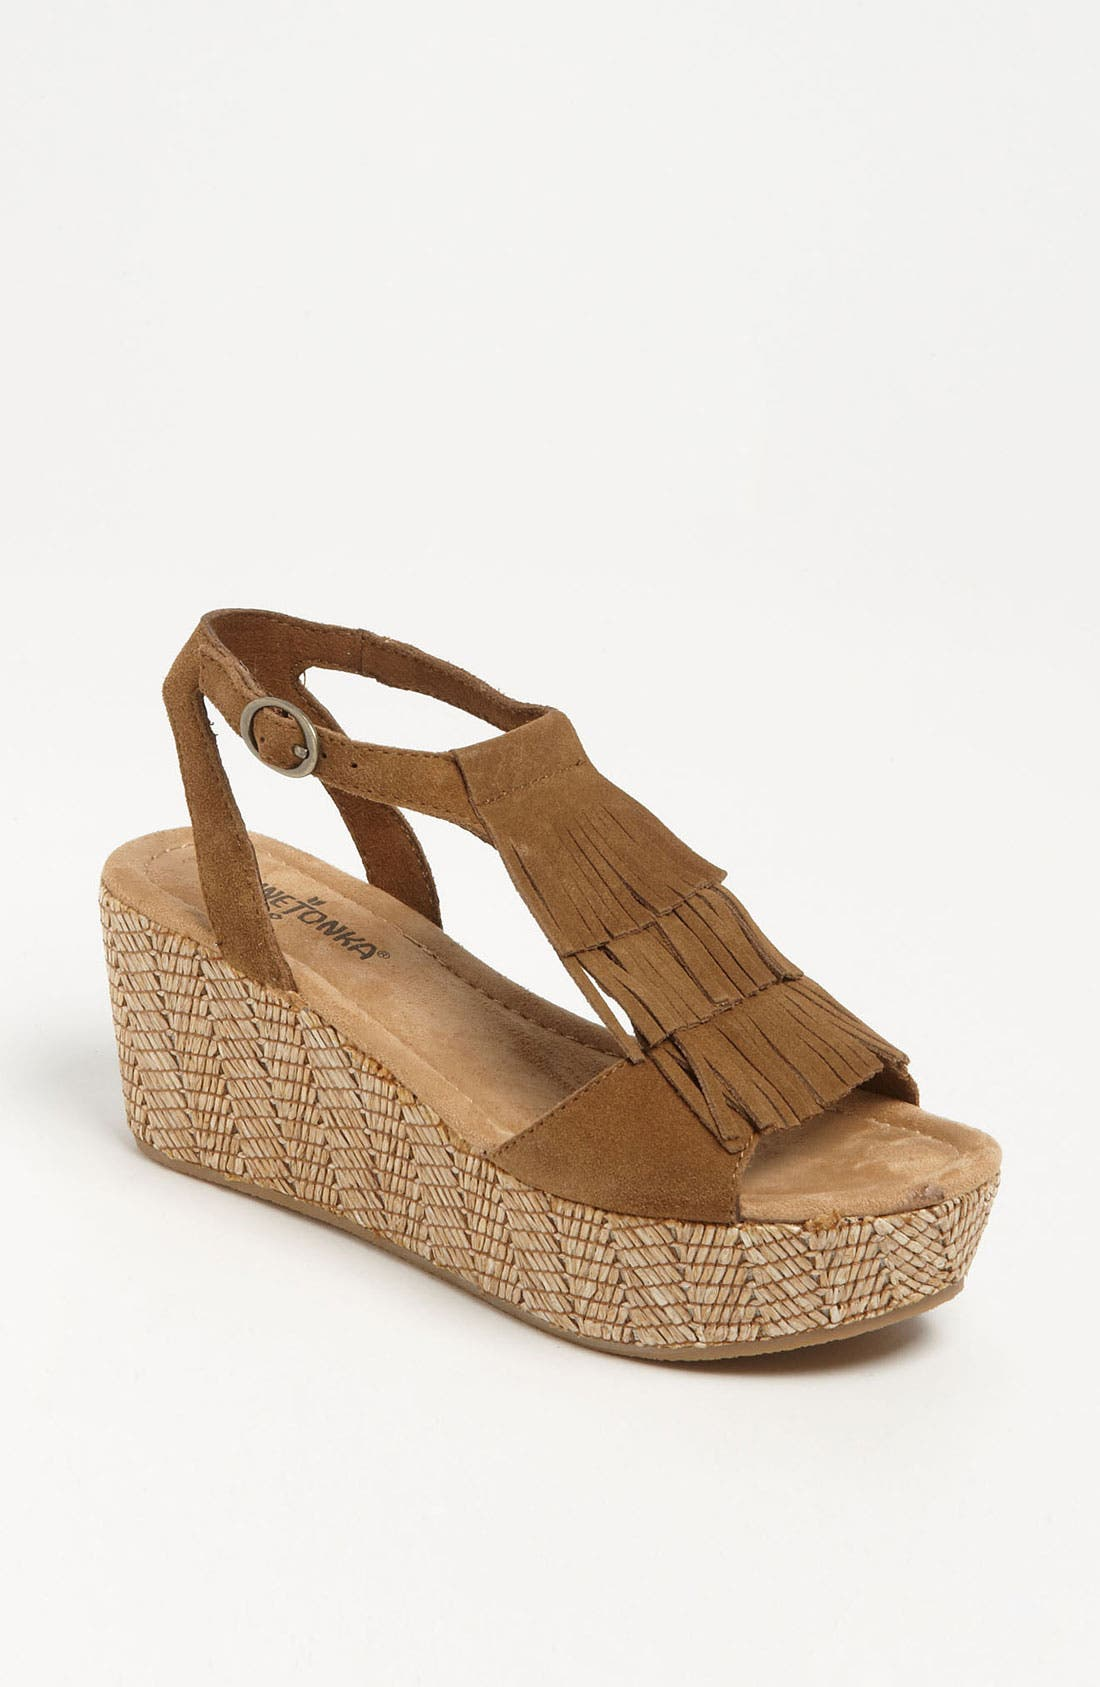 Alternate Image 1 Selected - Minnetonka 'Central' Sandal